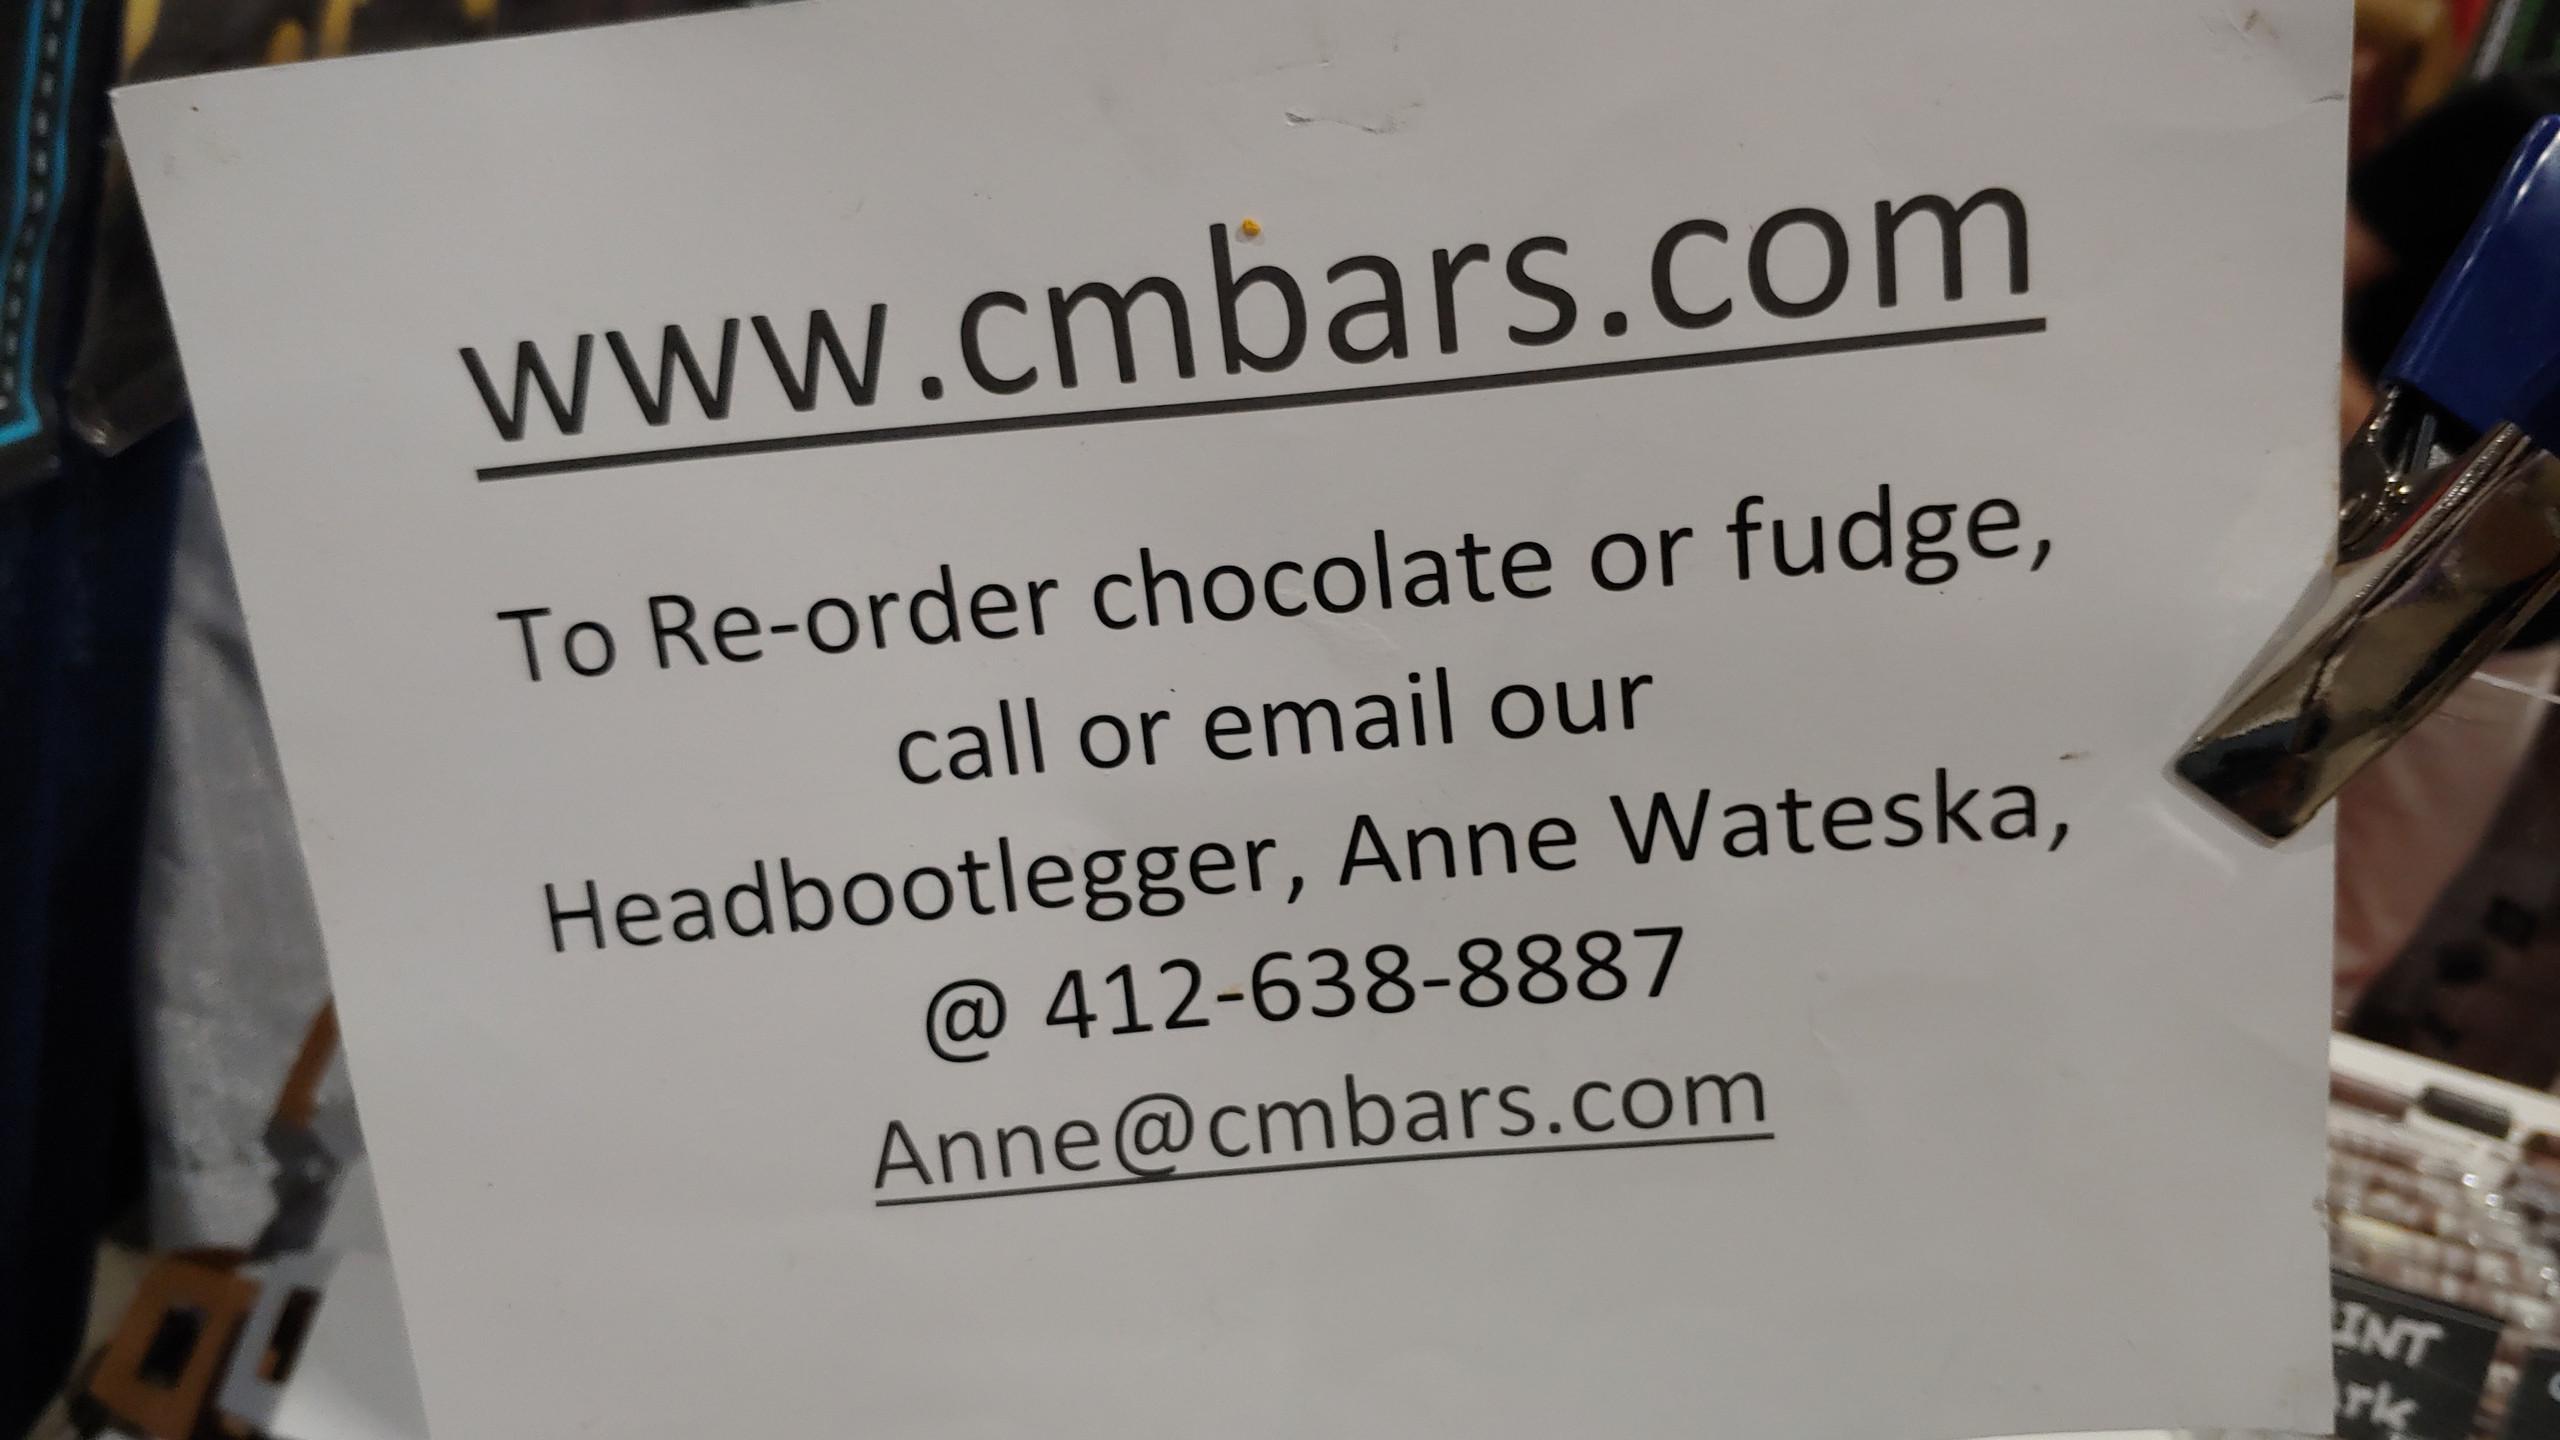 Chocolate Fundge Vendors